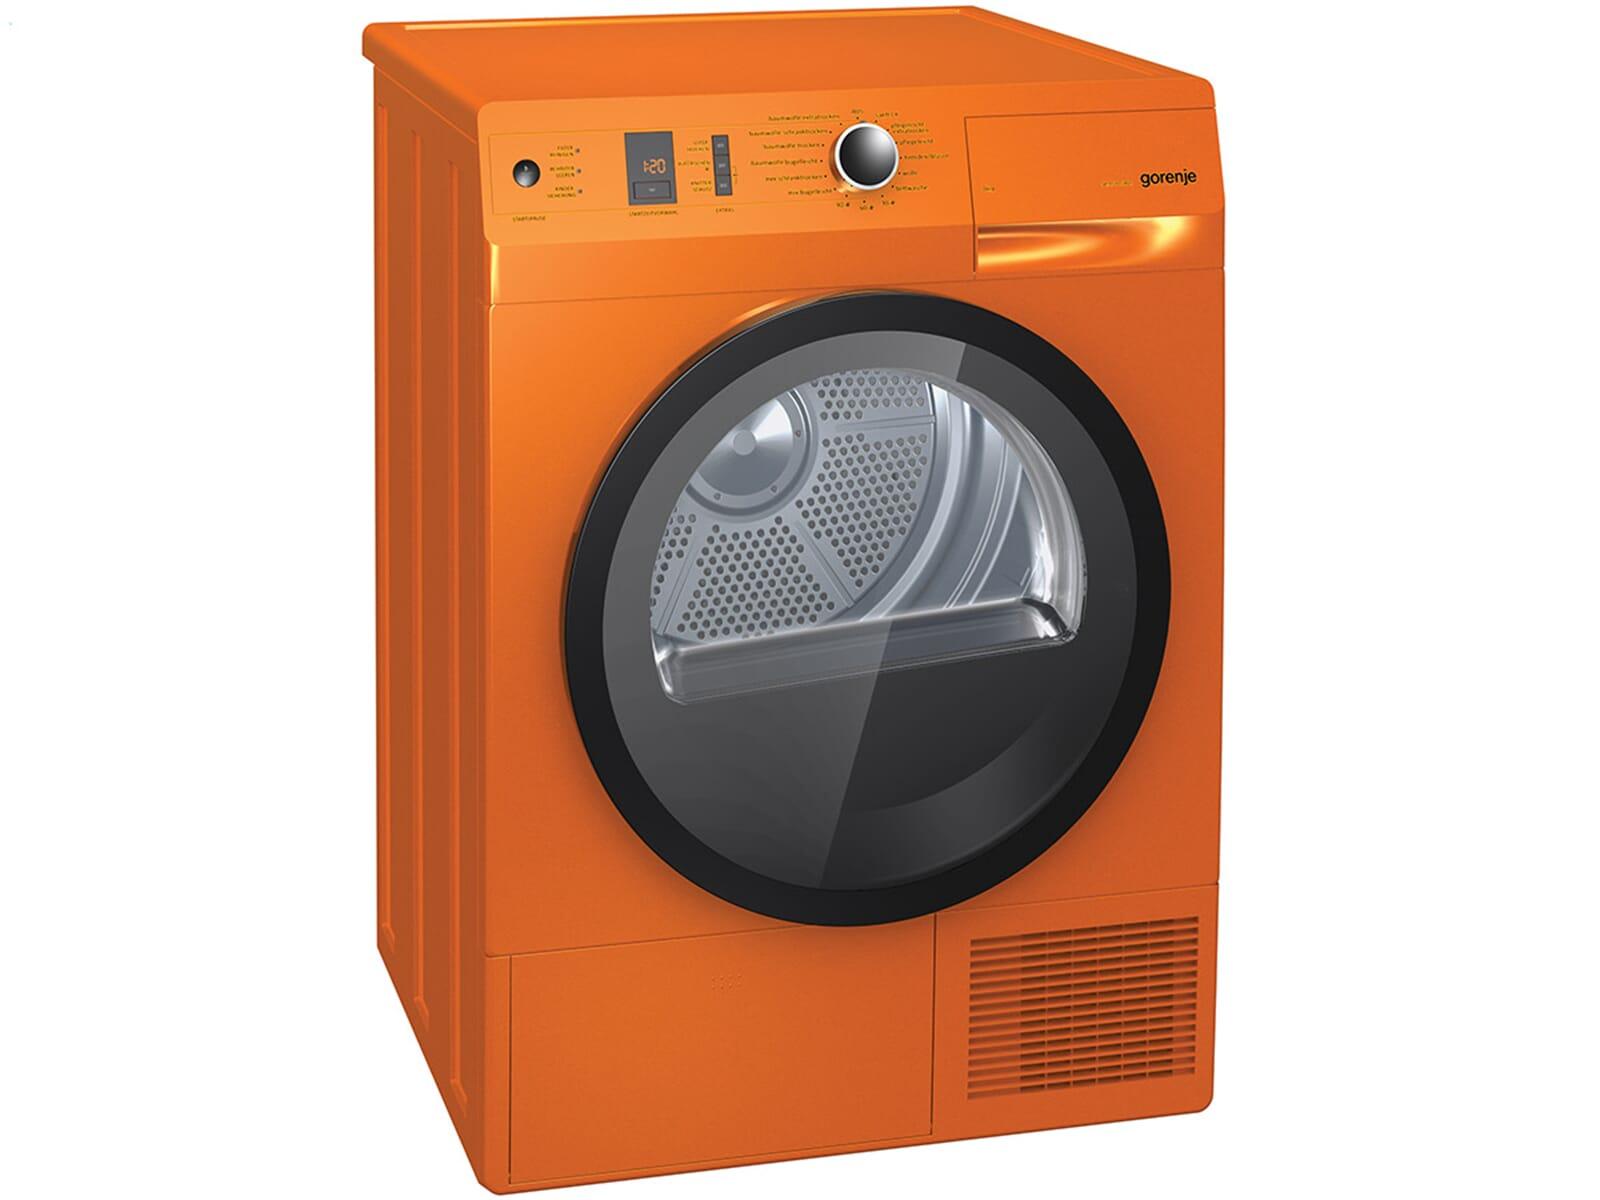 gorenje d 85f66 no stand trockner orange. Black Bedroom Furniture Sets. Home Design Ideas